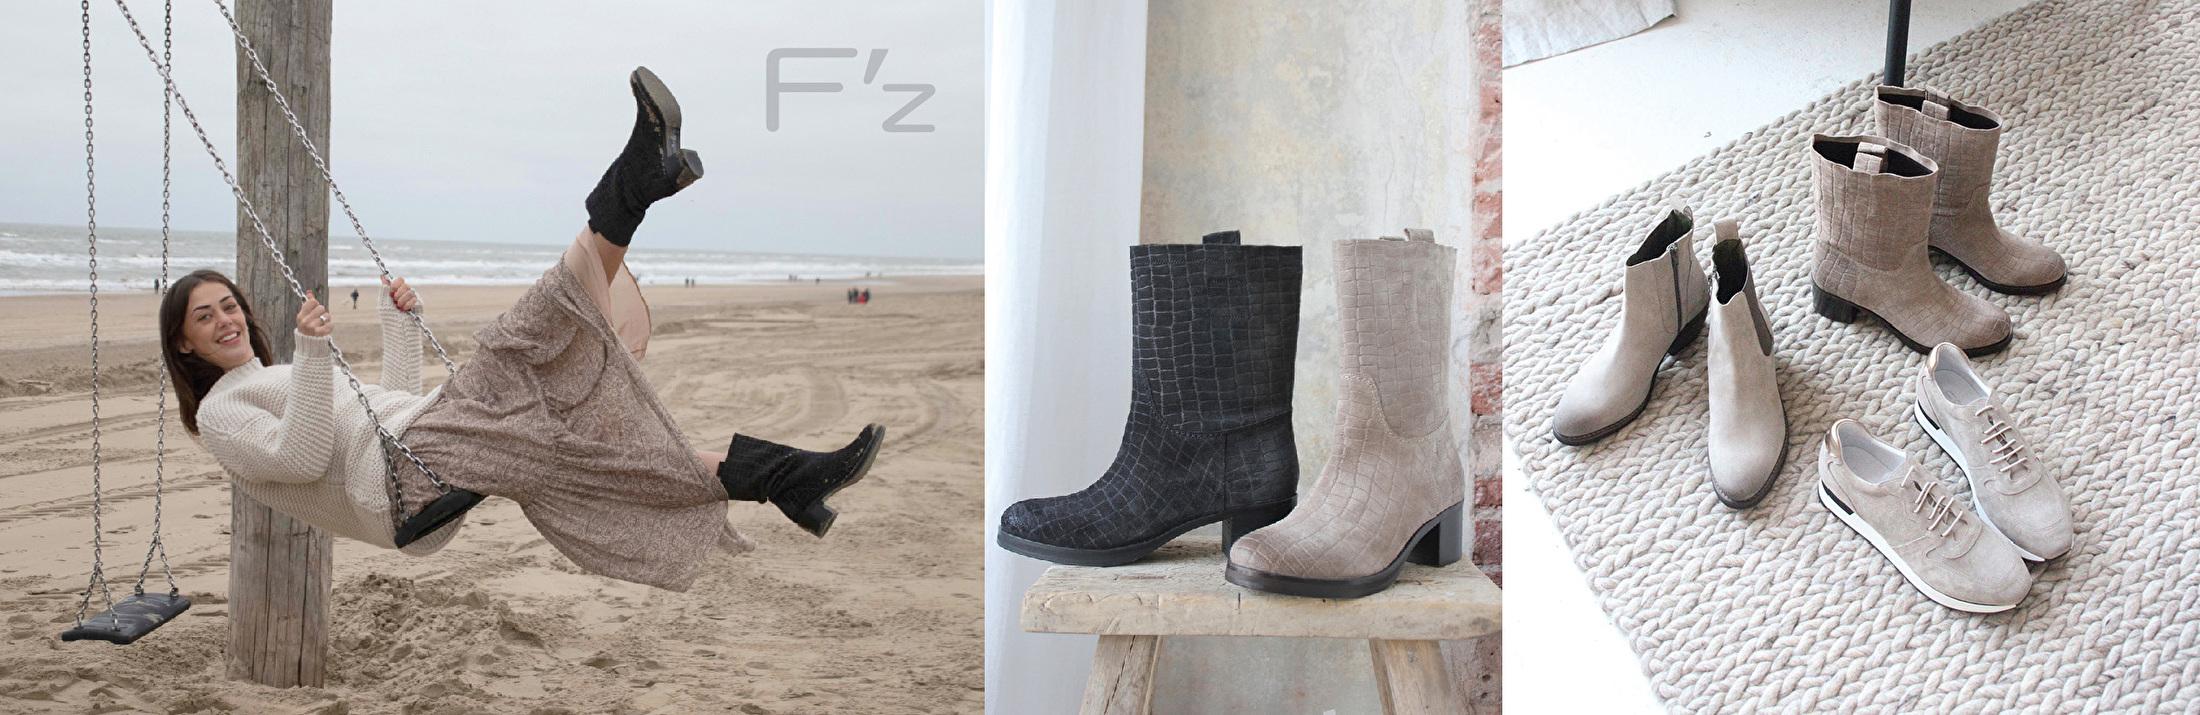 Summer 2020 enkellaars laarzen